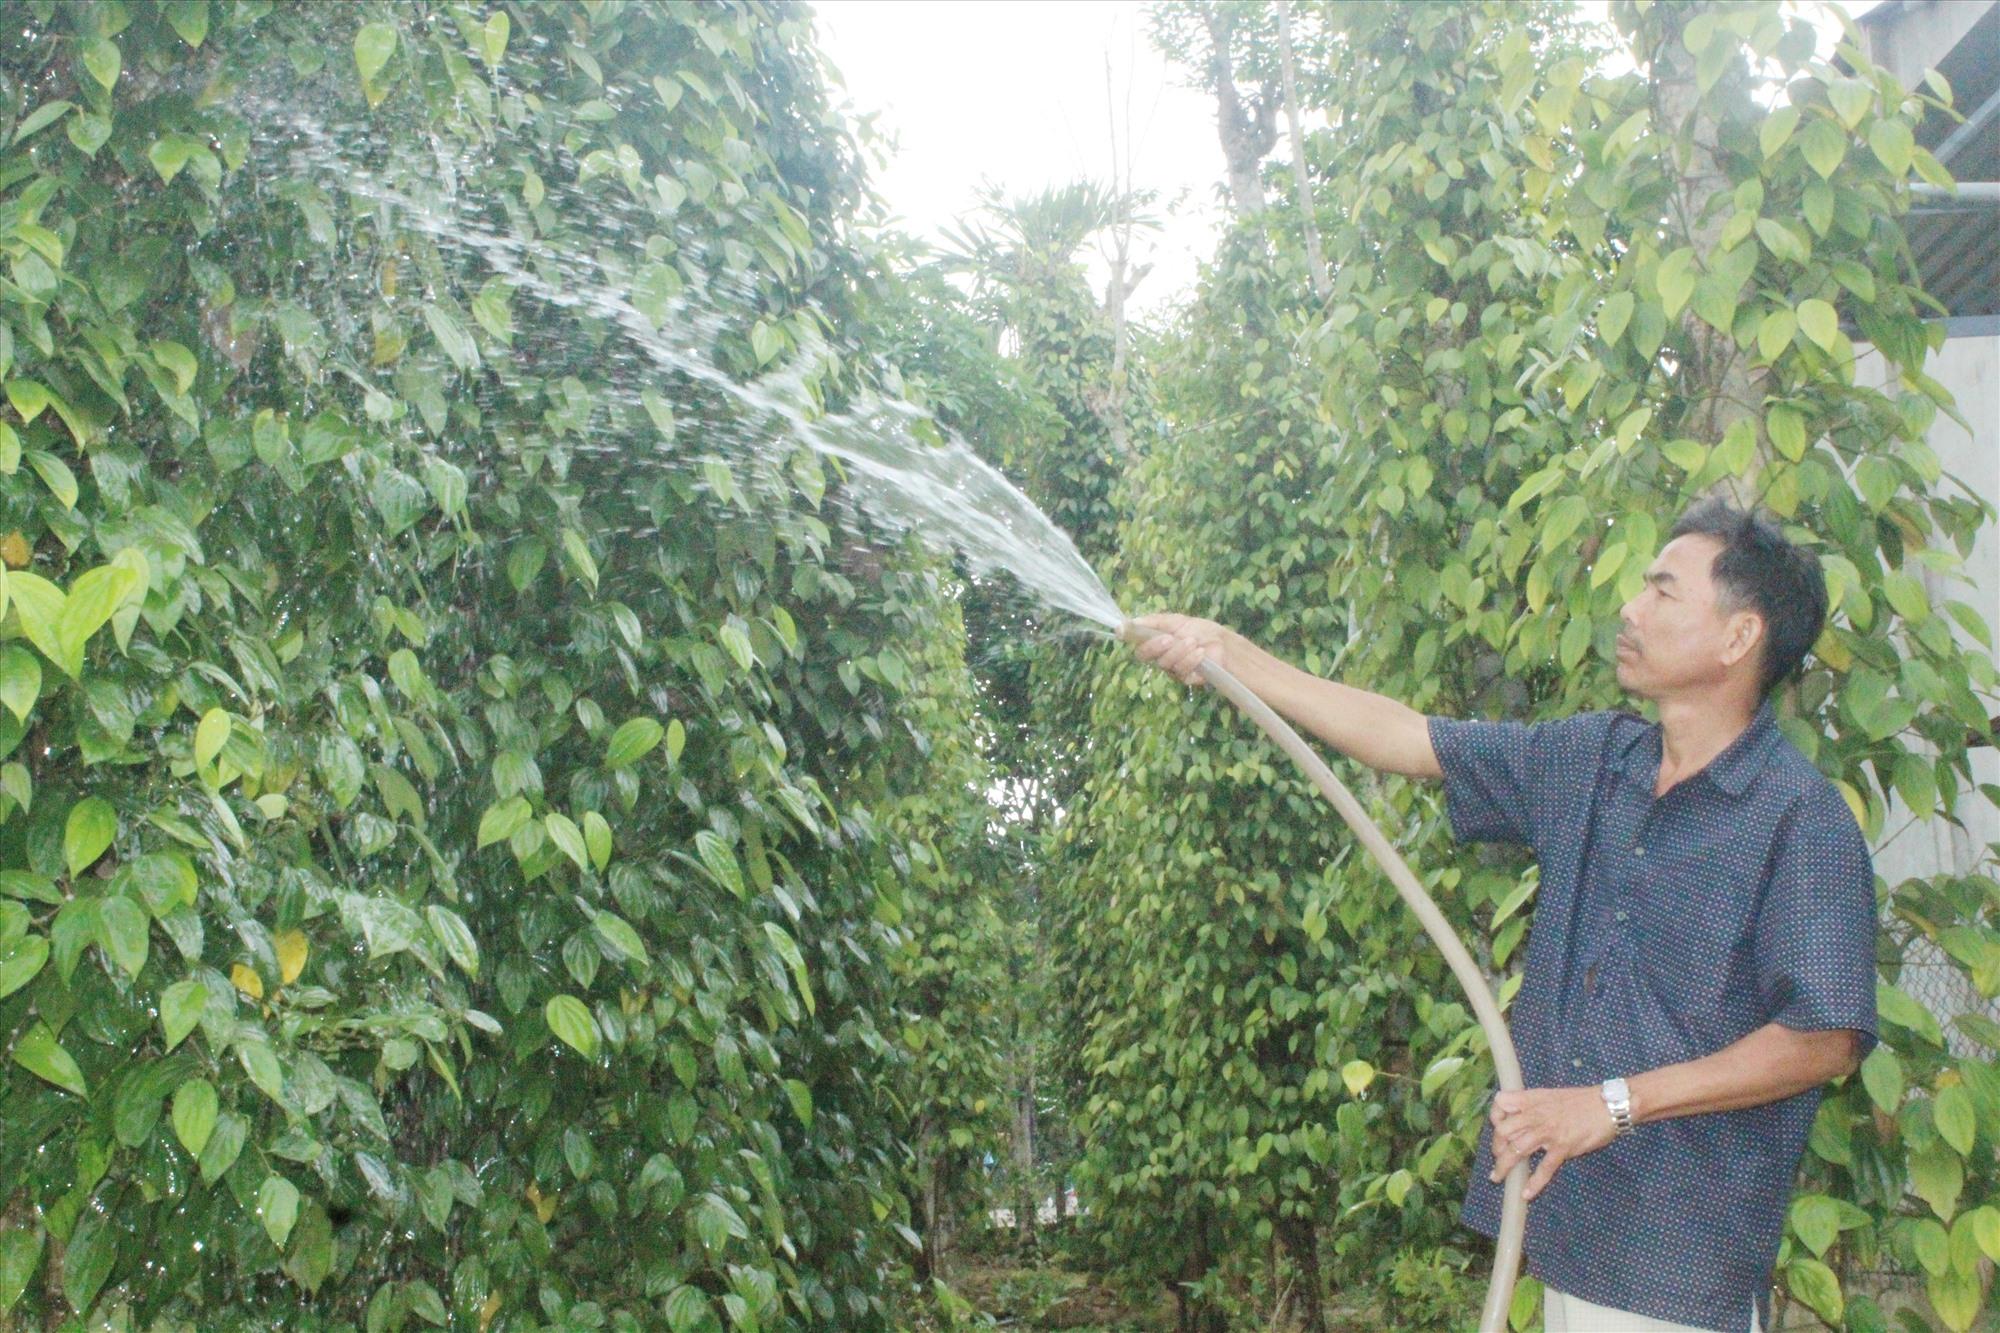 Người dân Tiên Phong tích cực chỉnh trang vườn nhà sạch đẹp, có giá trị kinh tế cao. Ảnh: D.L